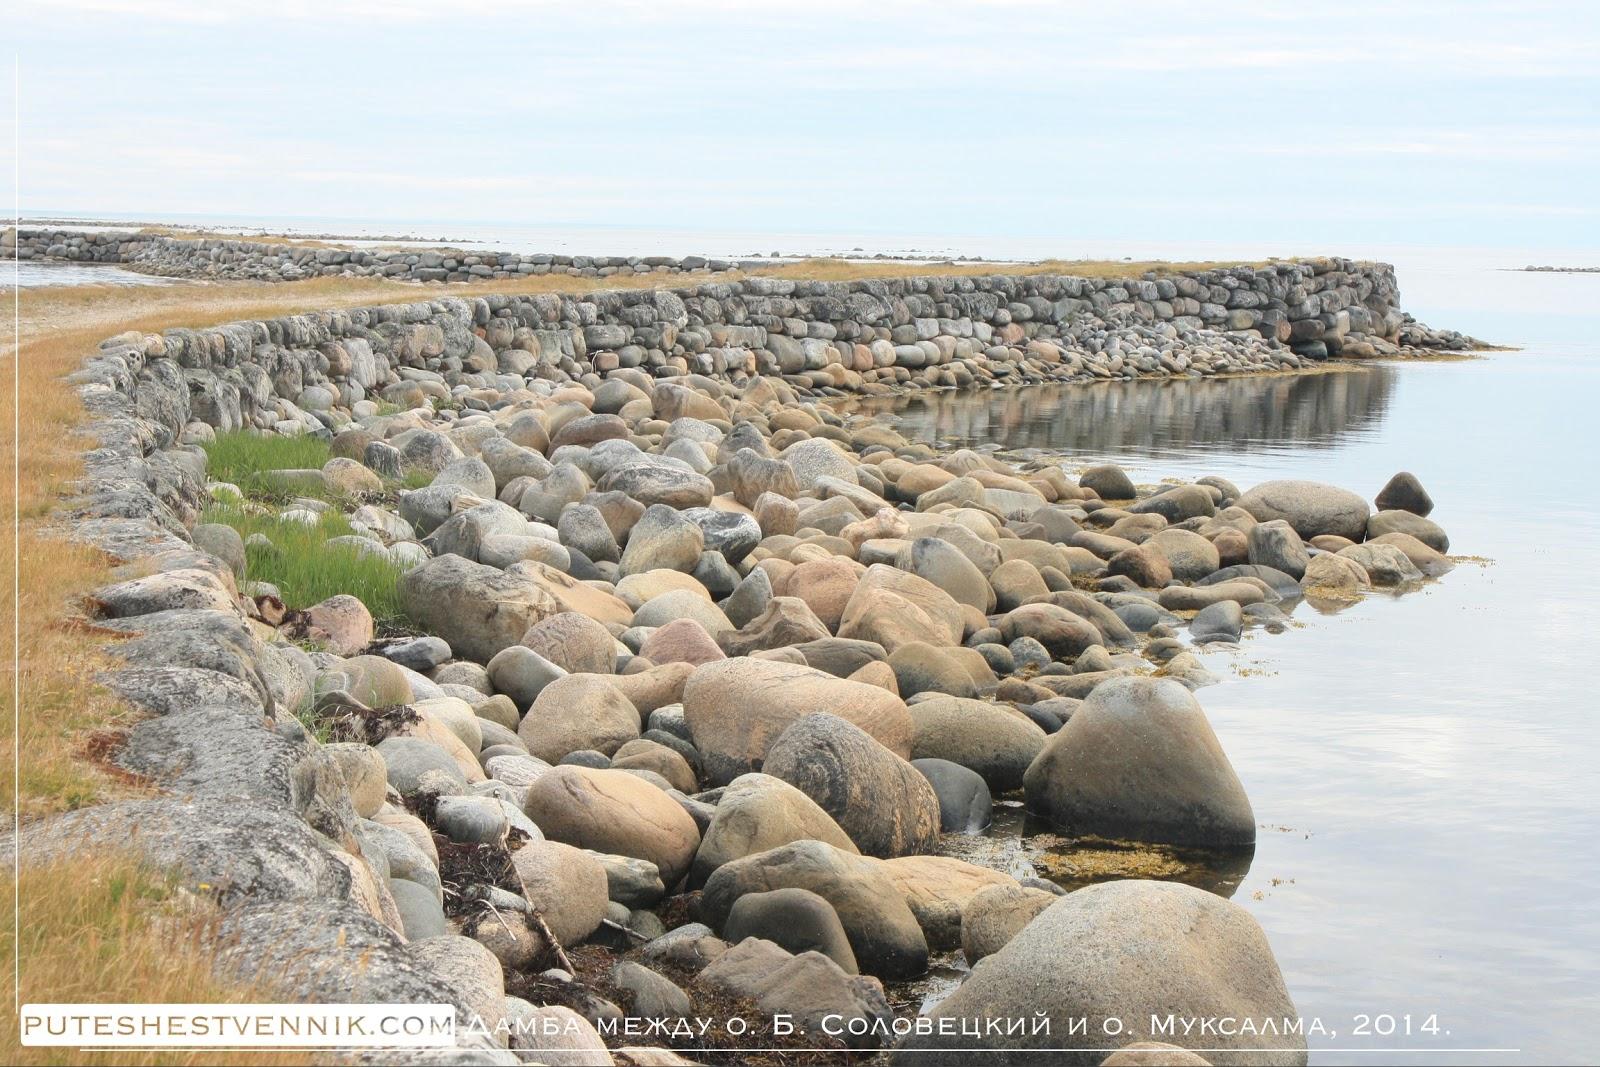 Дорога по дамбе из камней на остров Муксалма